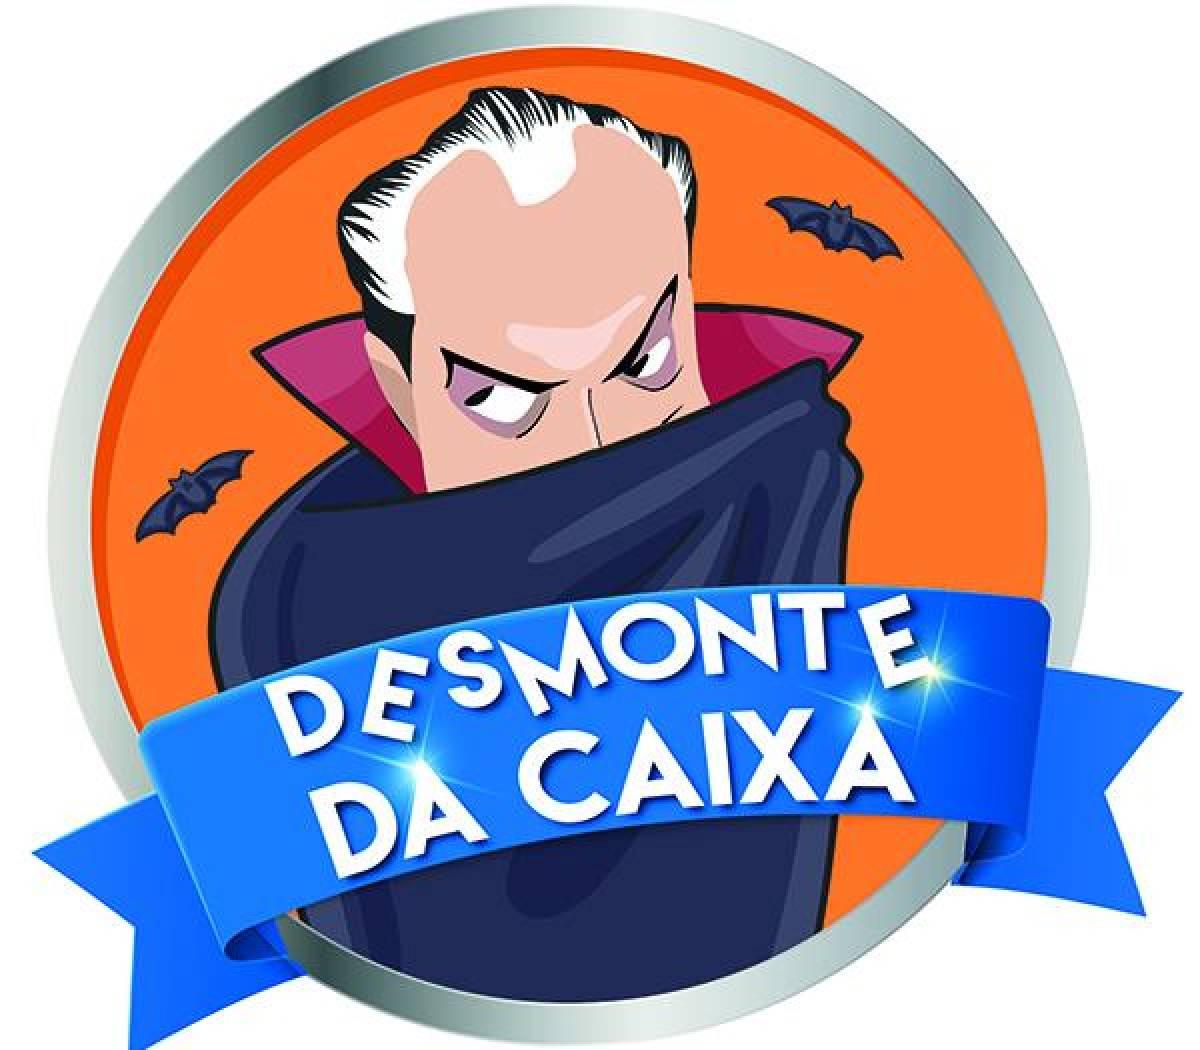 No dia do Bancário, Caixa anuncia mais um atentado contra os trabalhadores e clientes